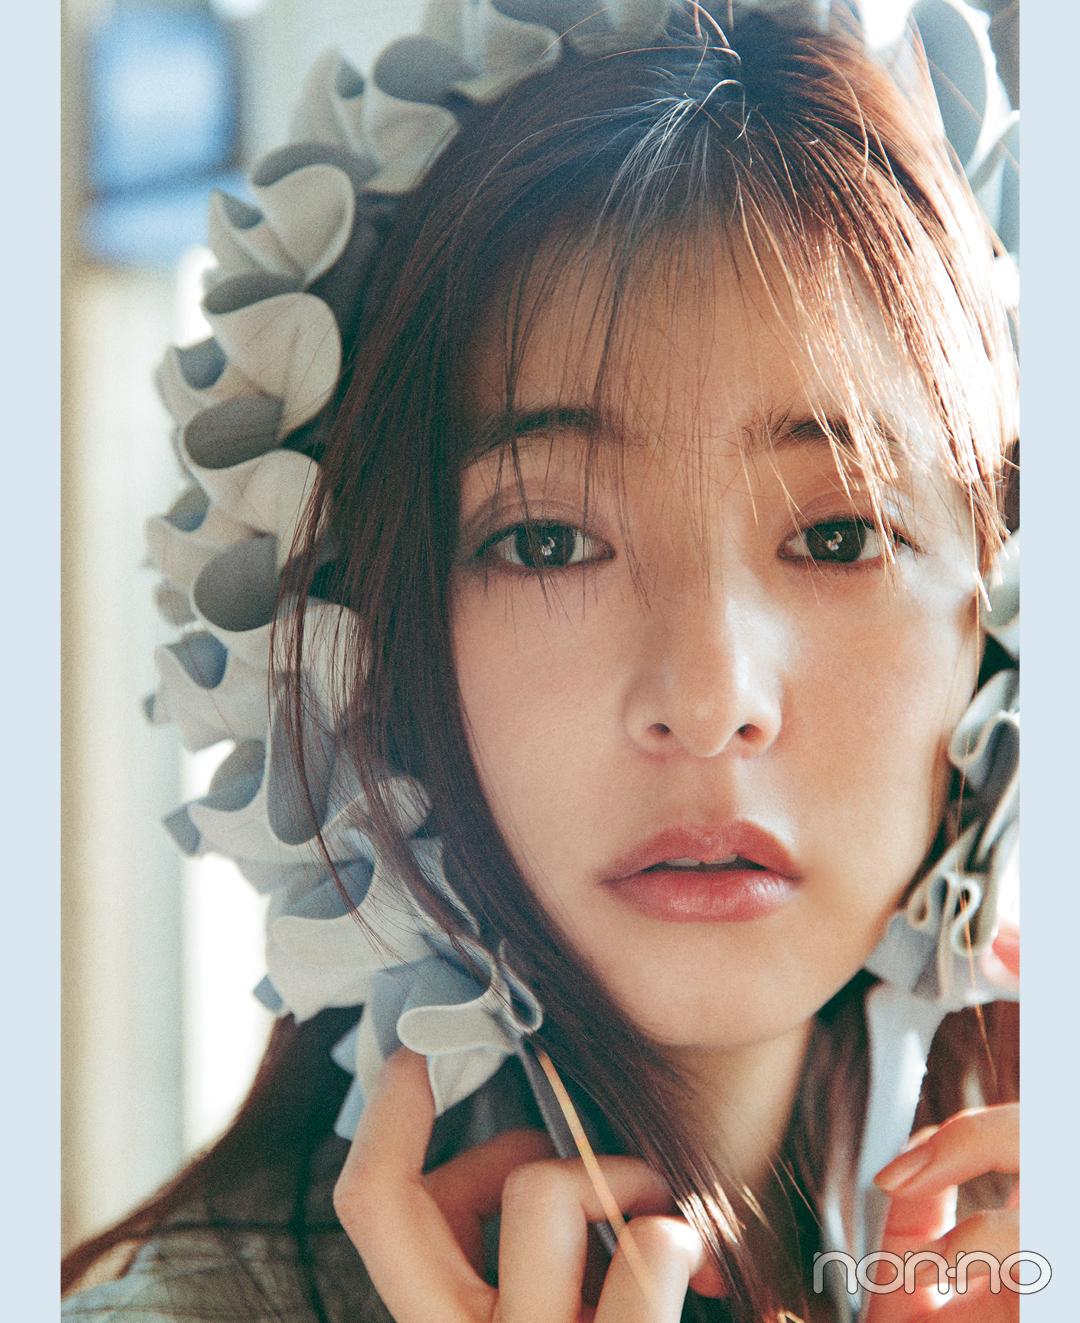 新木優子 ビューティスタイルブック「新木式」の未公開カット